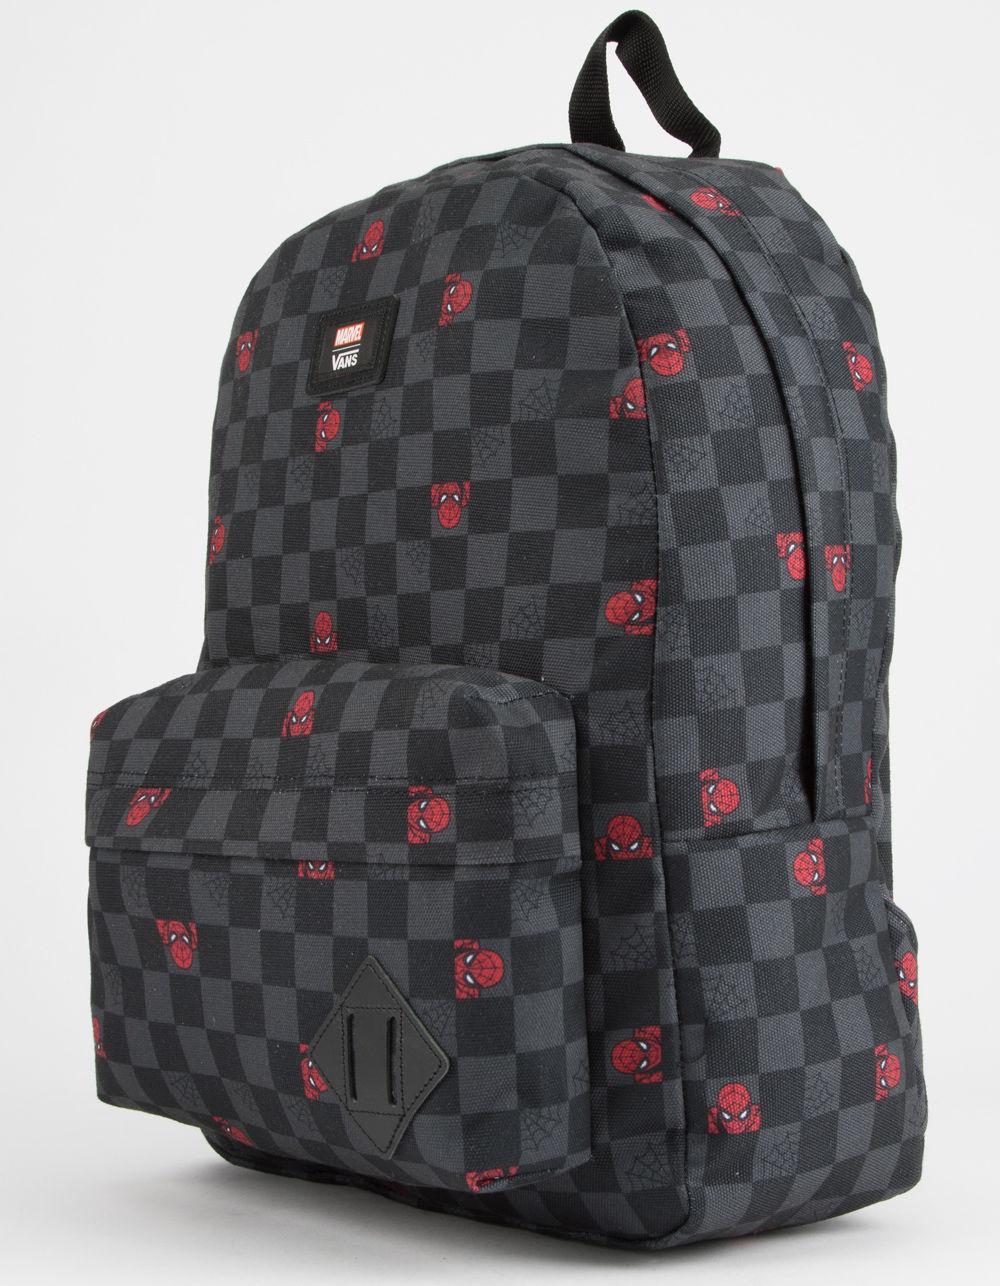 196e4ff82d3 Lyst - Vans X Marvel Spider-man Old Skool Ii Backpack in Black for Men